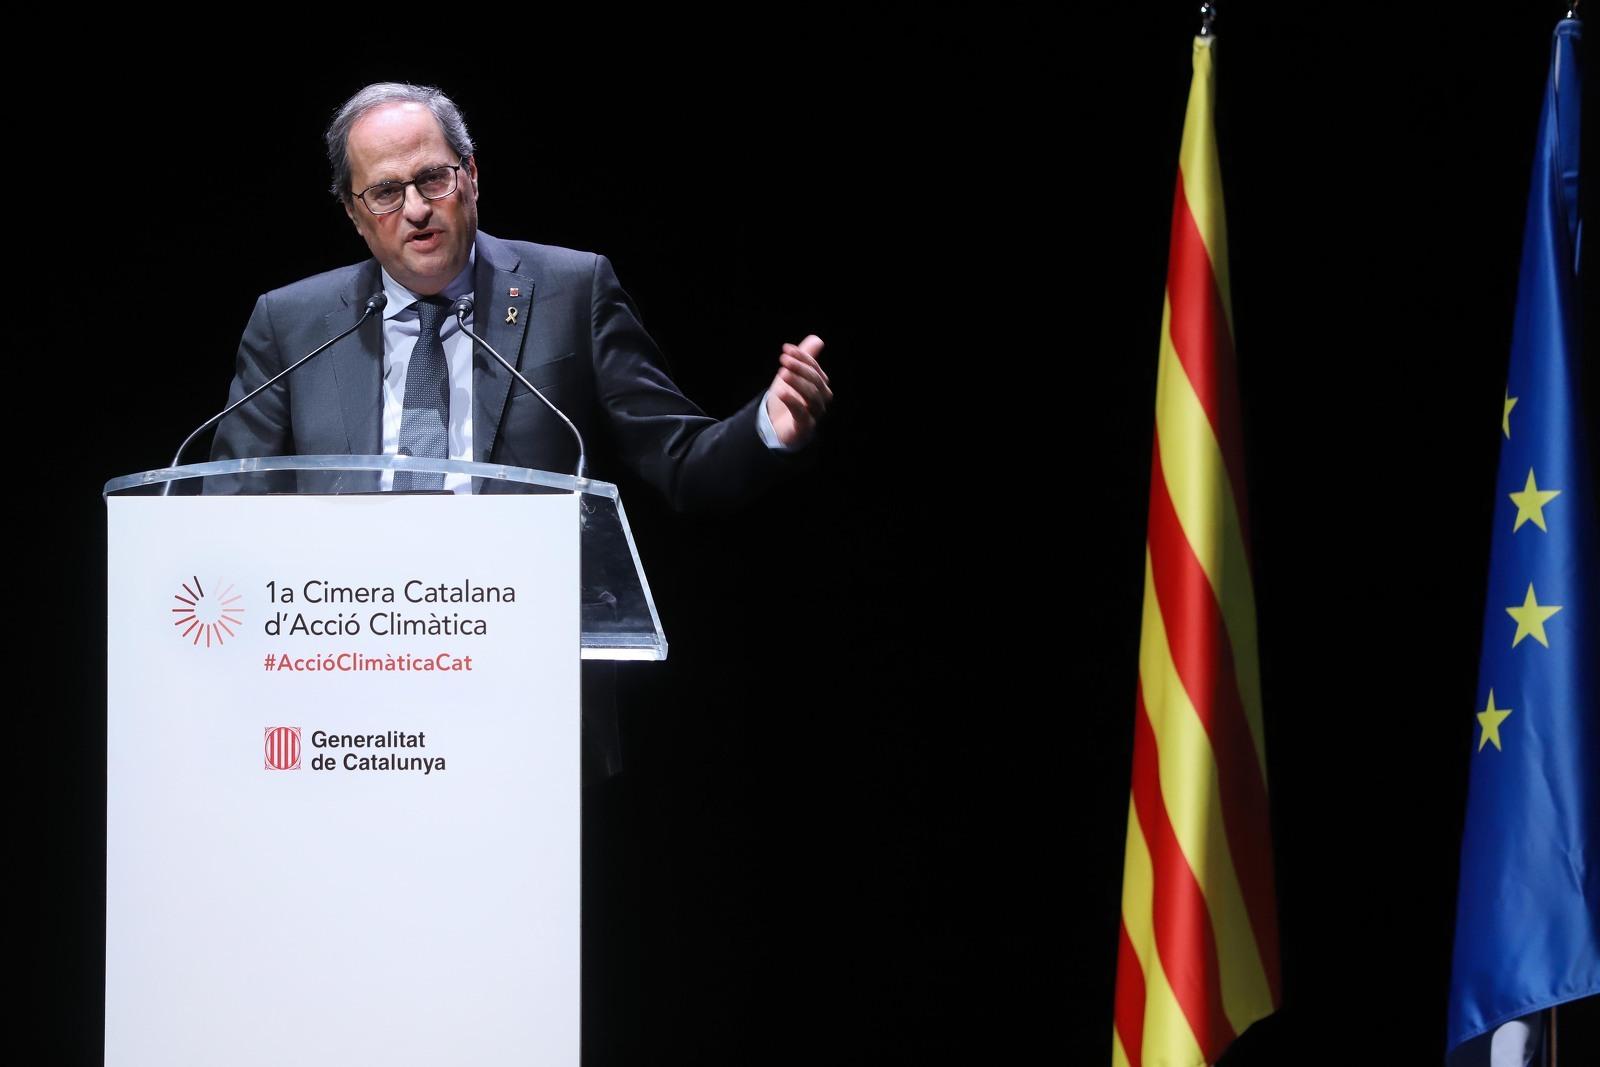 El president Torra durant la primera Cimera Catalana d'Acció Climàtica